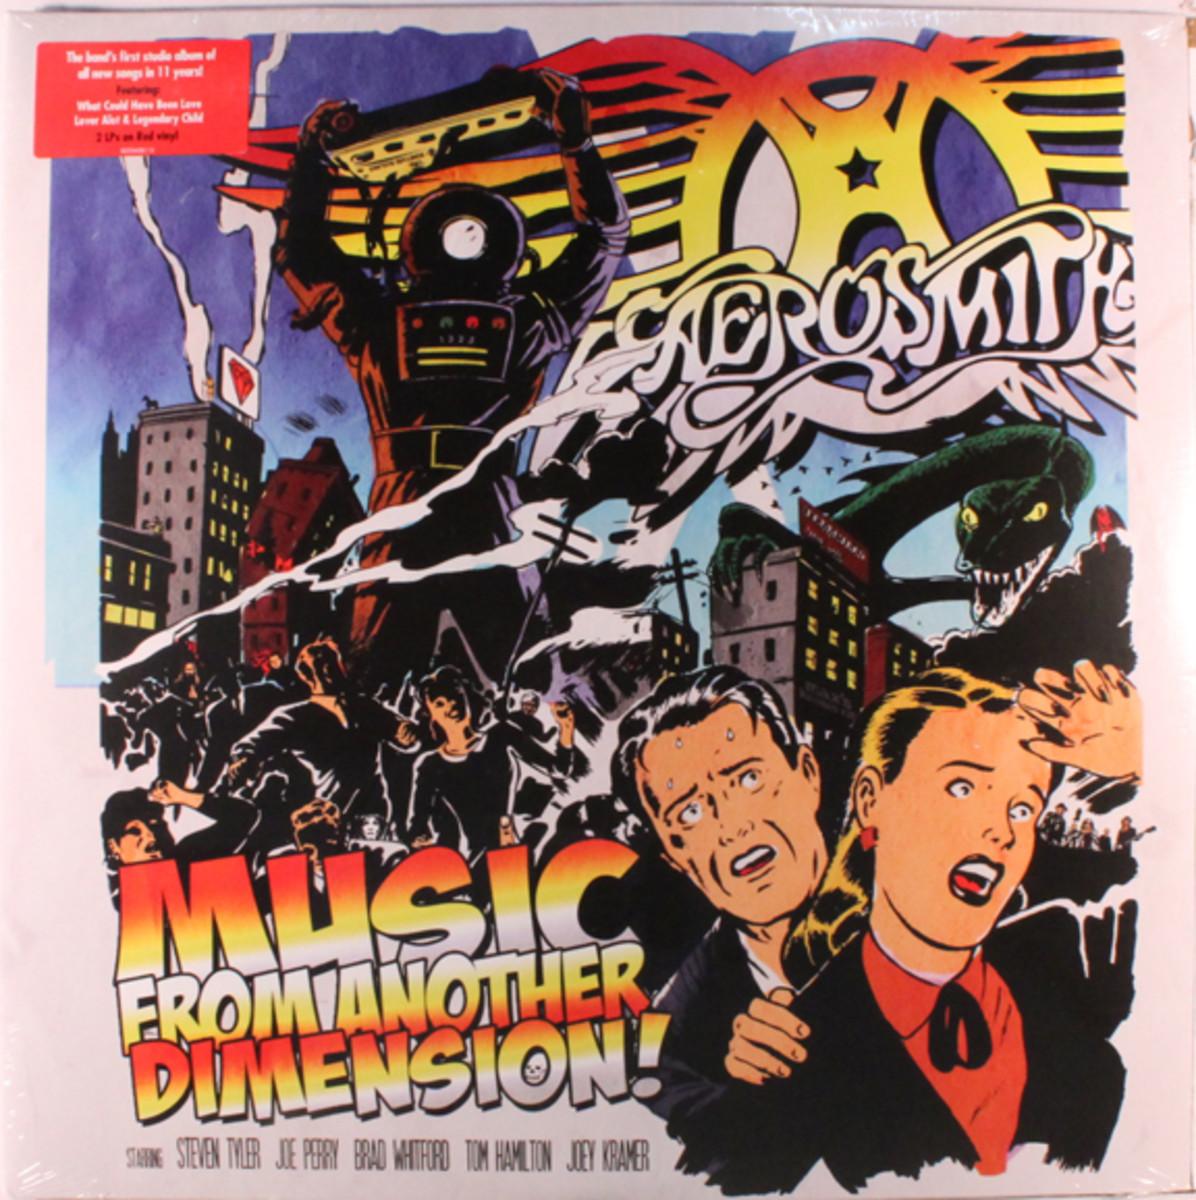 Aerosmith_MusicFromanotherDimension